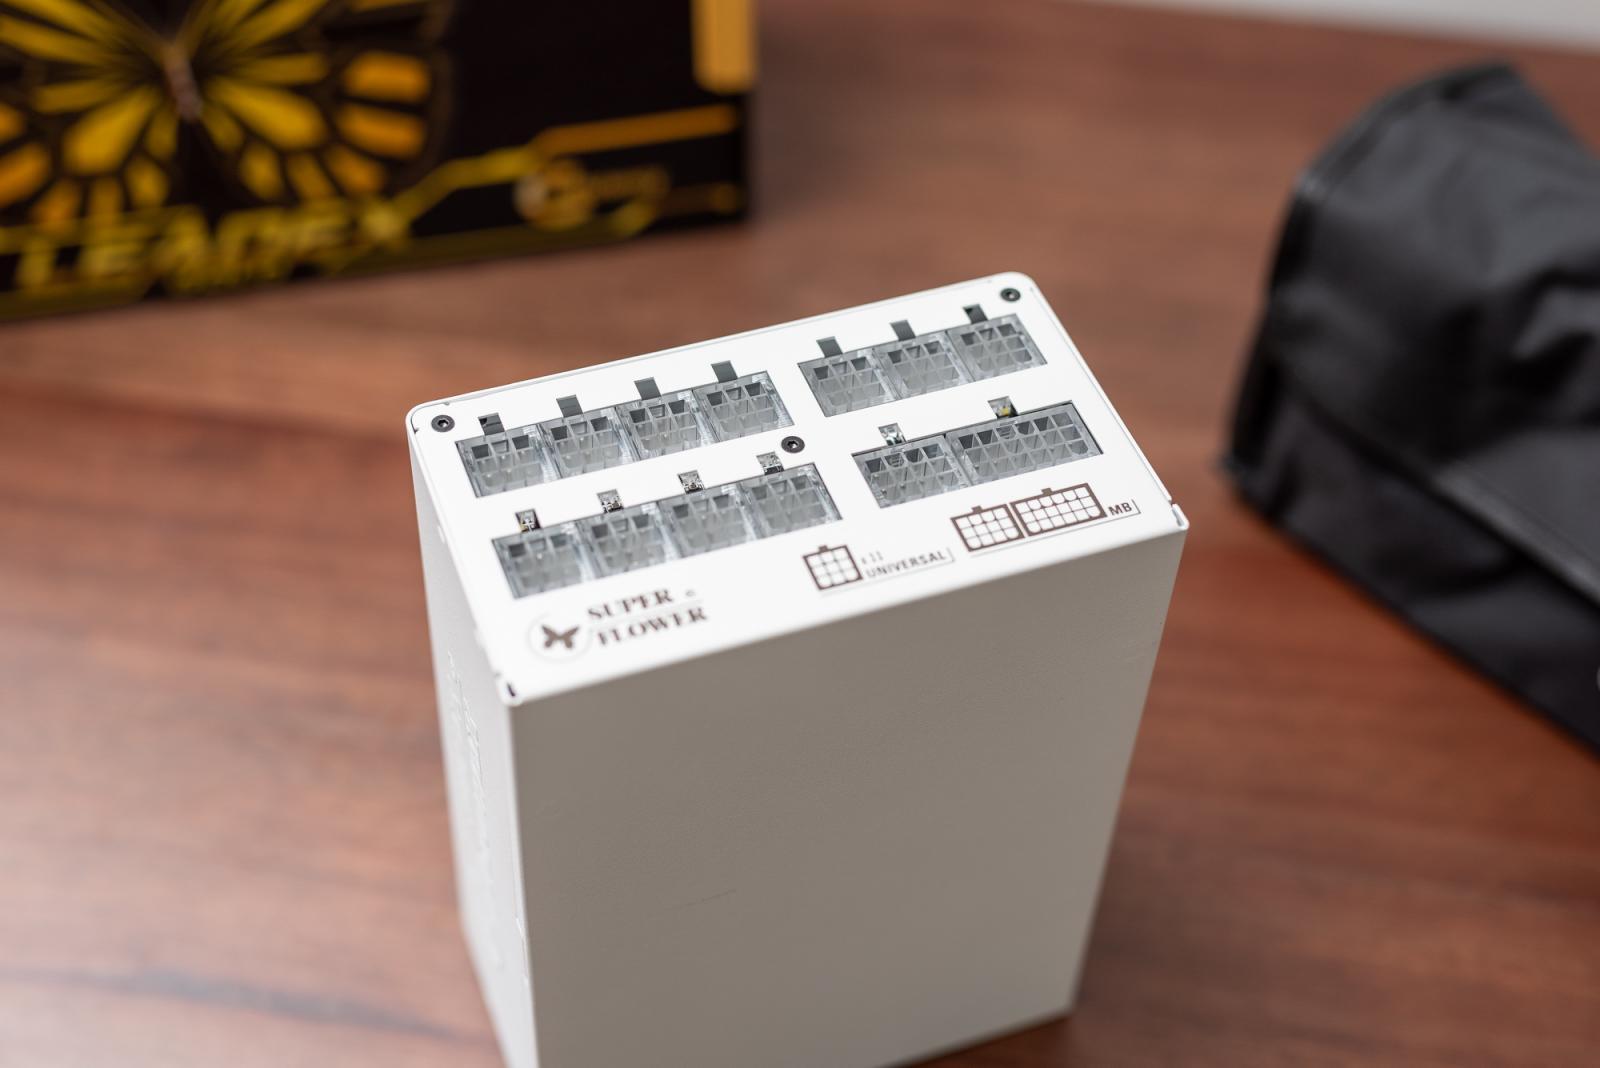 这个双十一有哪些值得推荐的MATX机箱及配置?